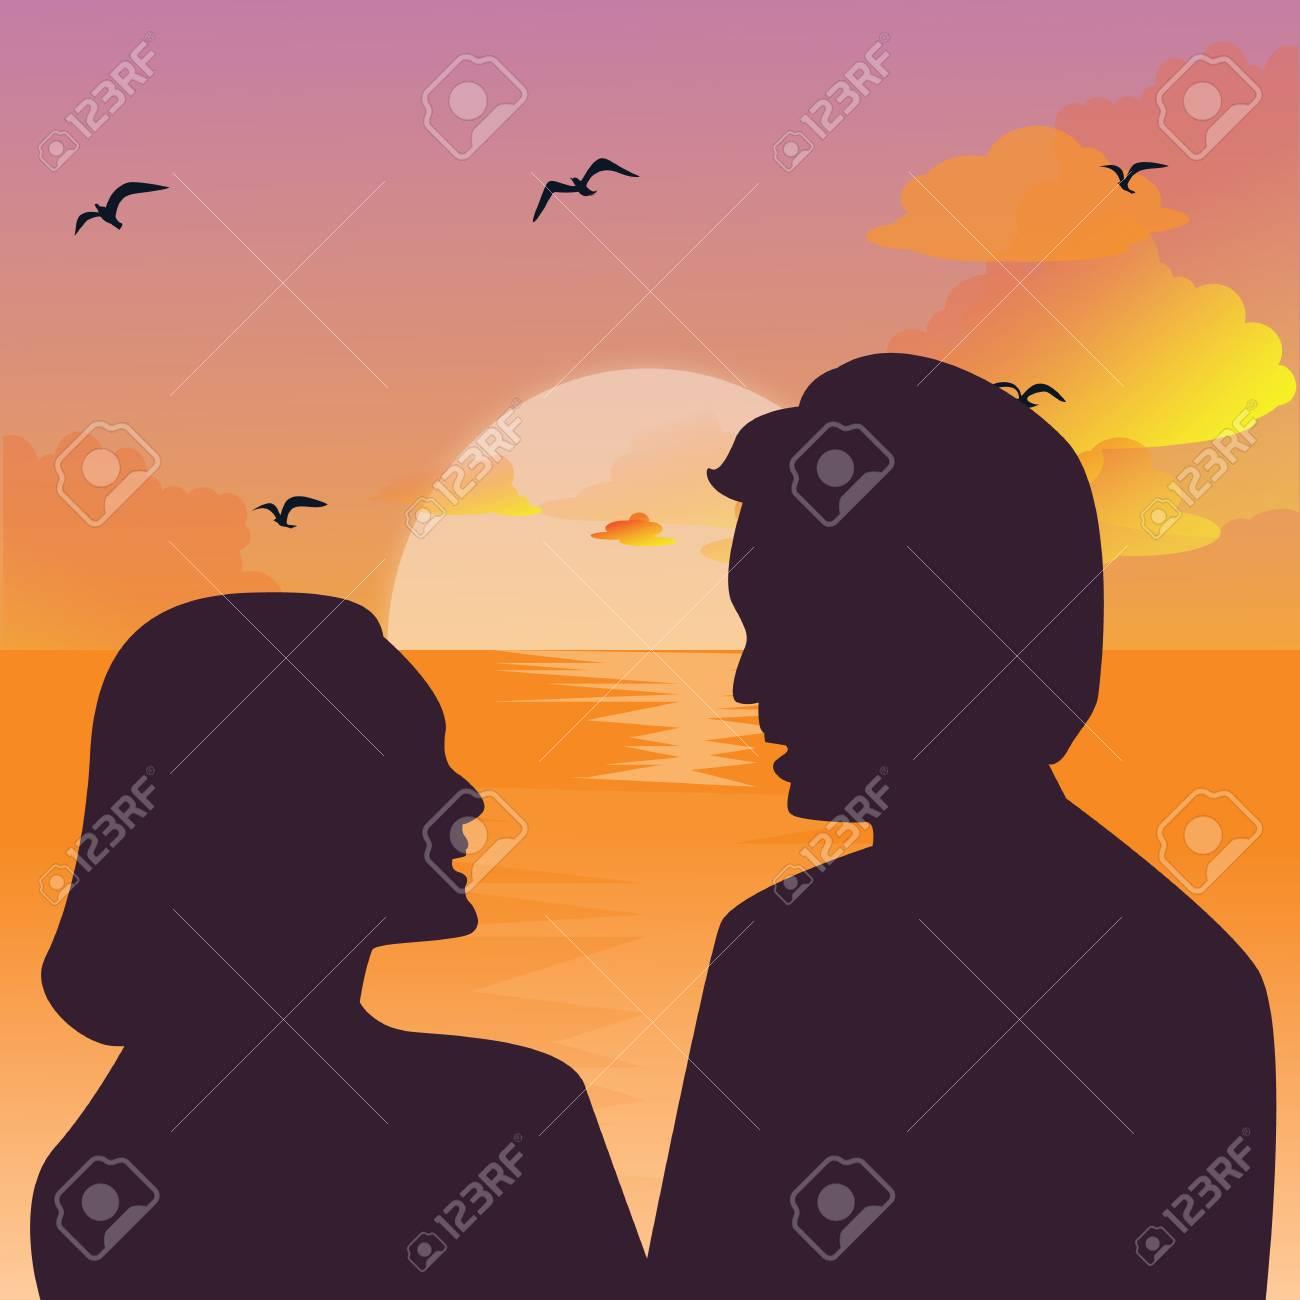 Romantische Paar Küssen, Sonnenuntergang Exotischen Palmen Baum Lizenzfrei  Nutzbare Vektorgrafiken, Clip Arts, Illustrationen. Image 33396101.